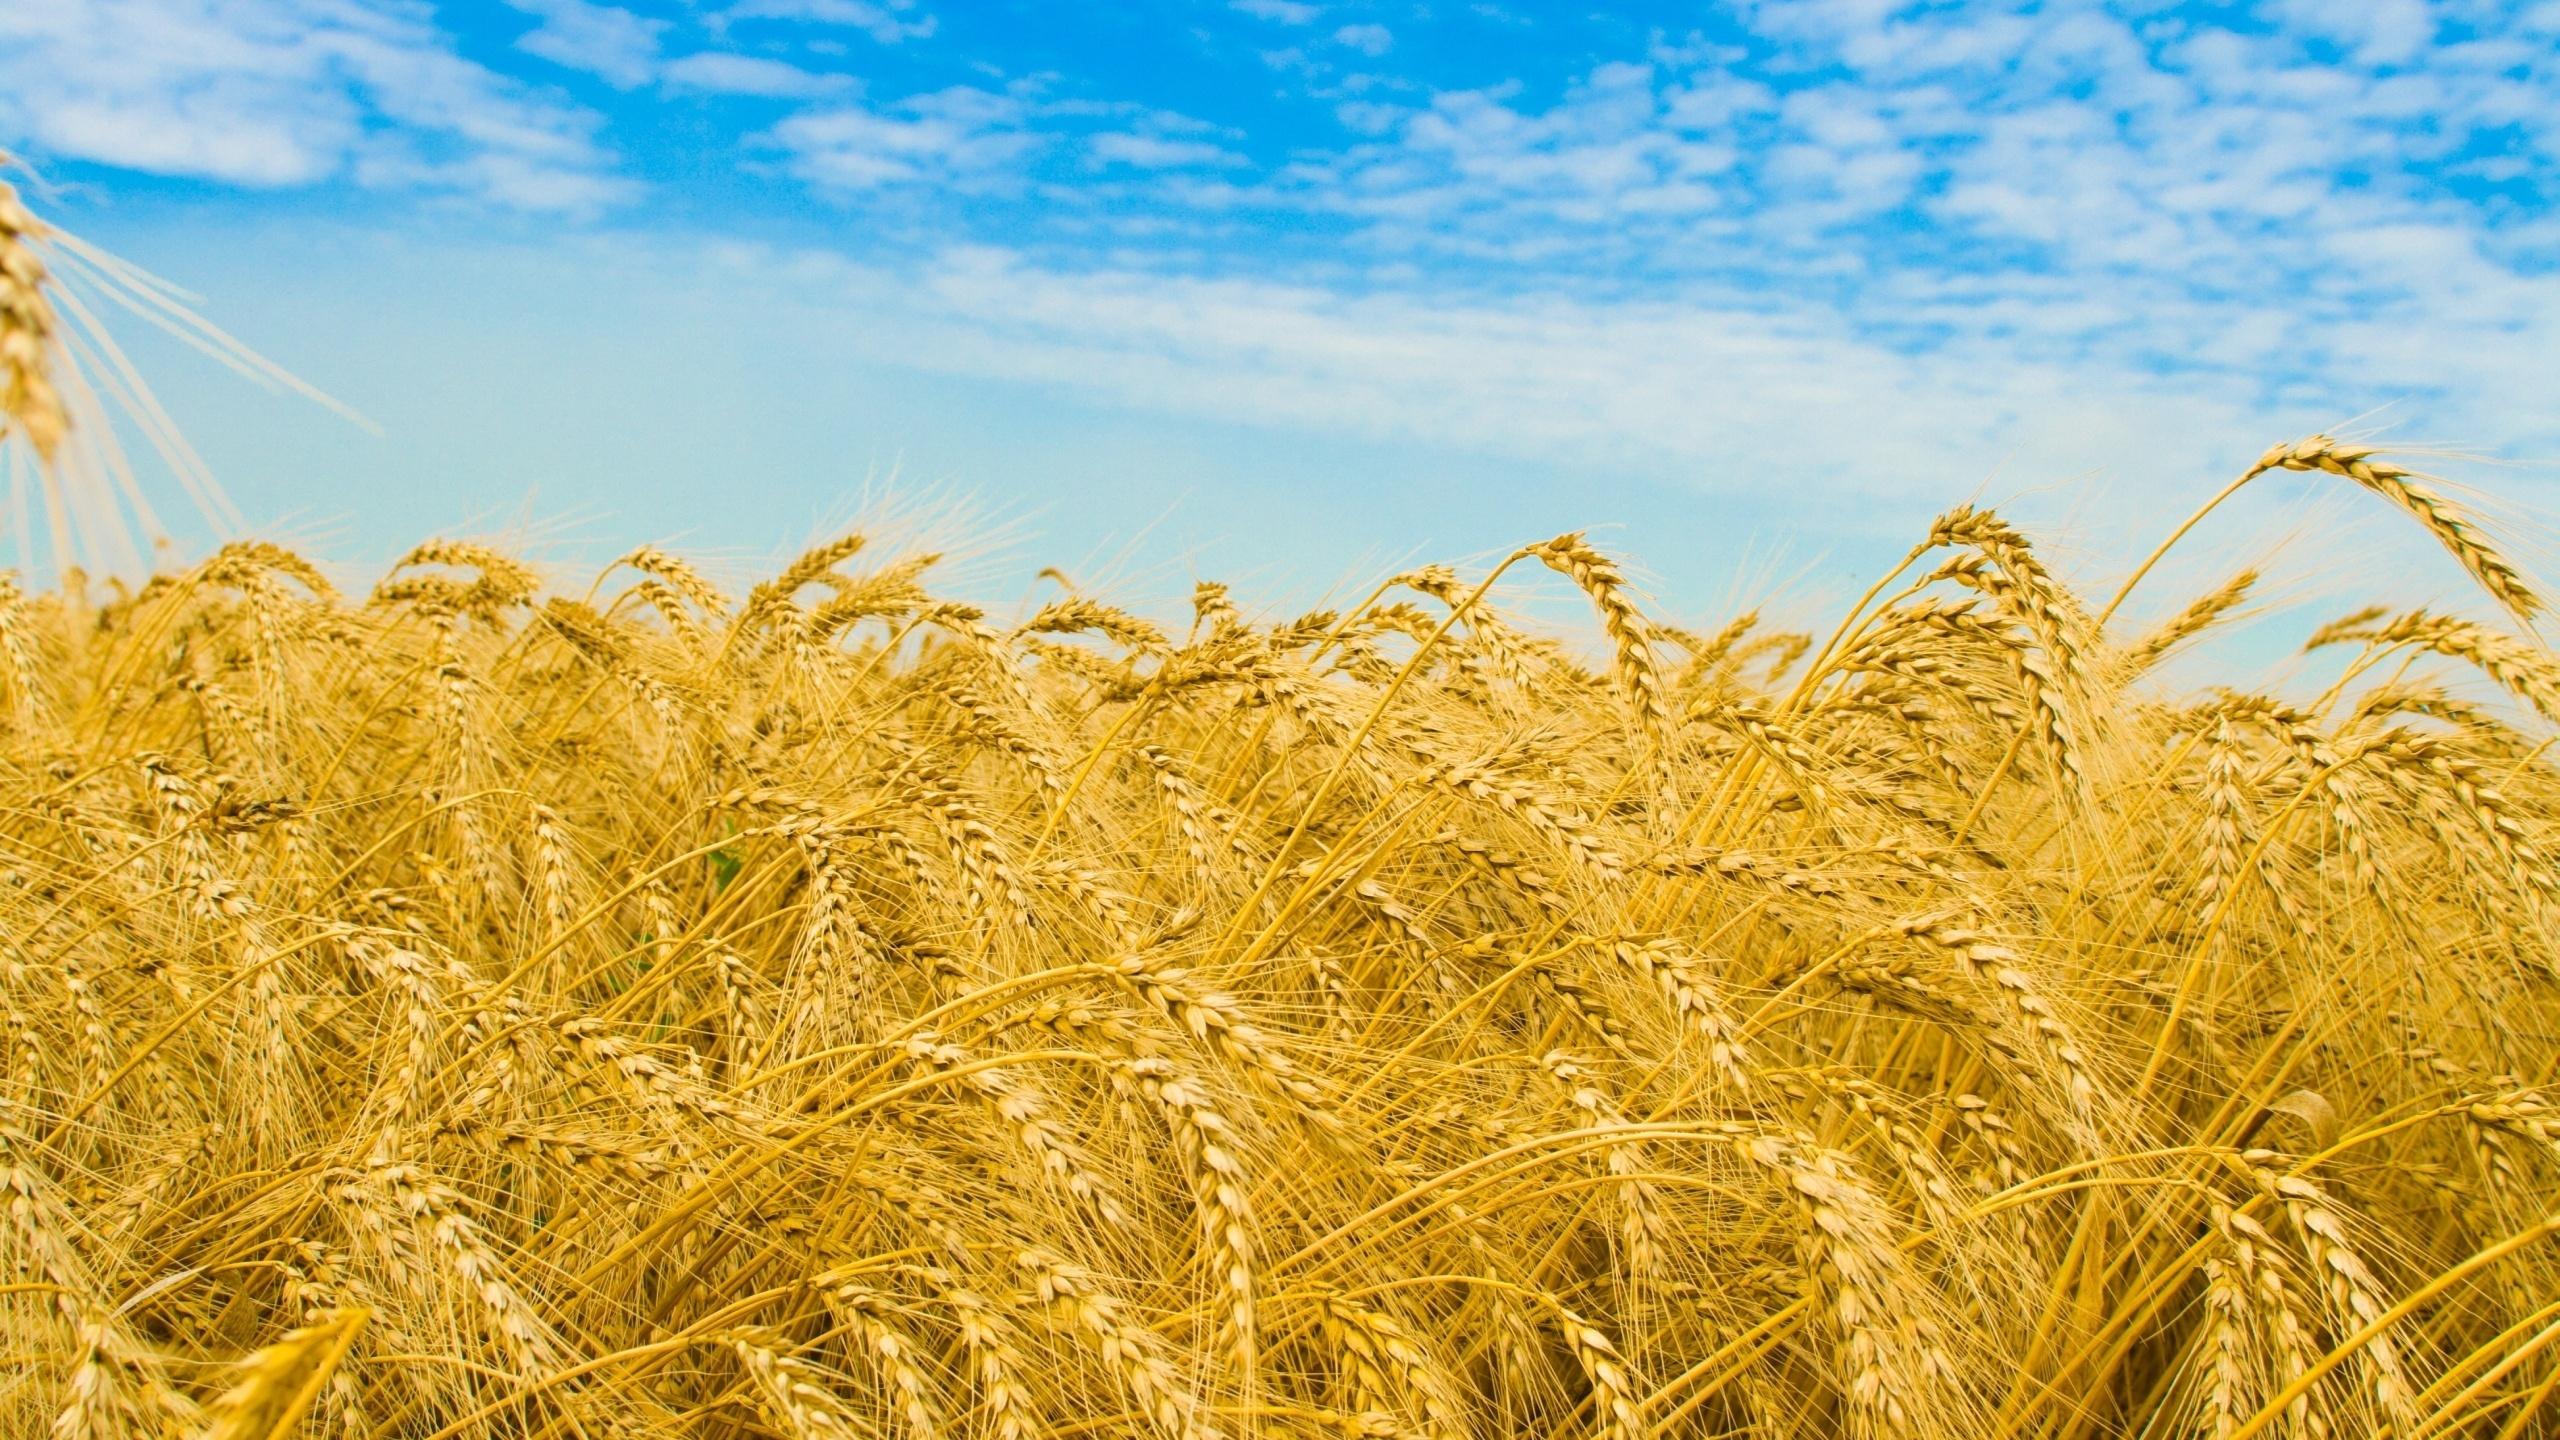 Картинки о пшеничном поле